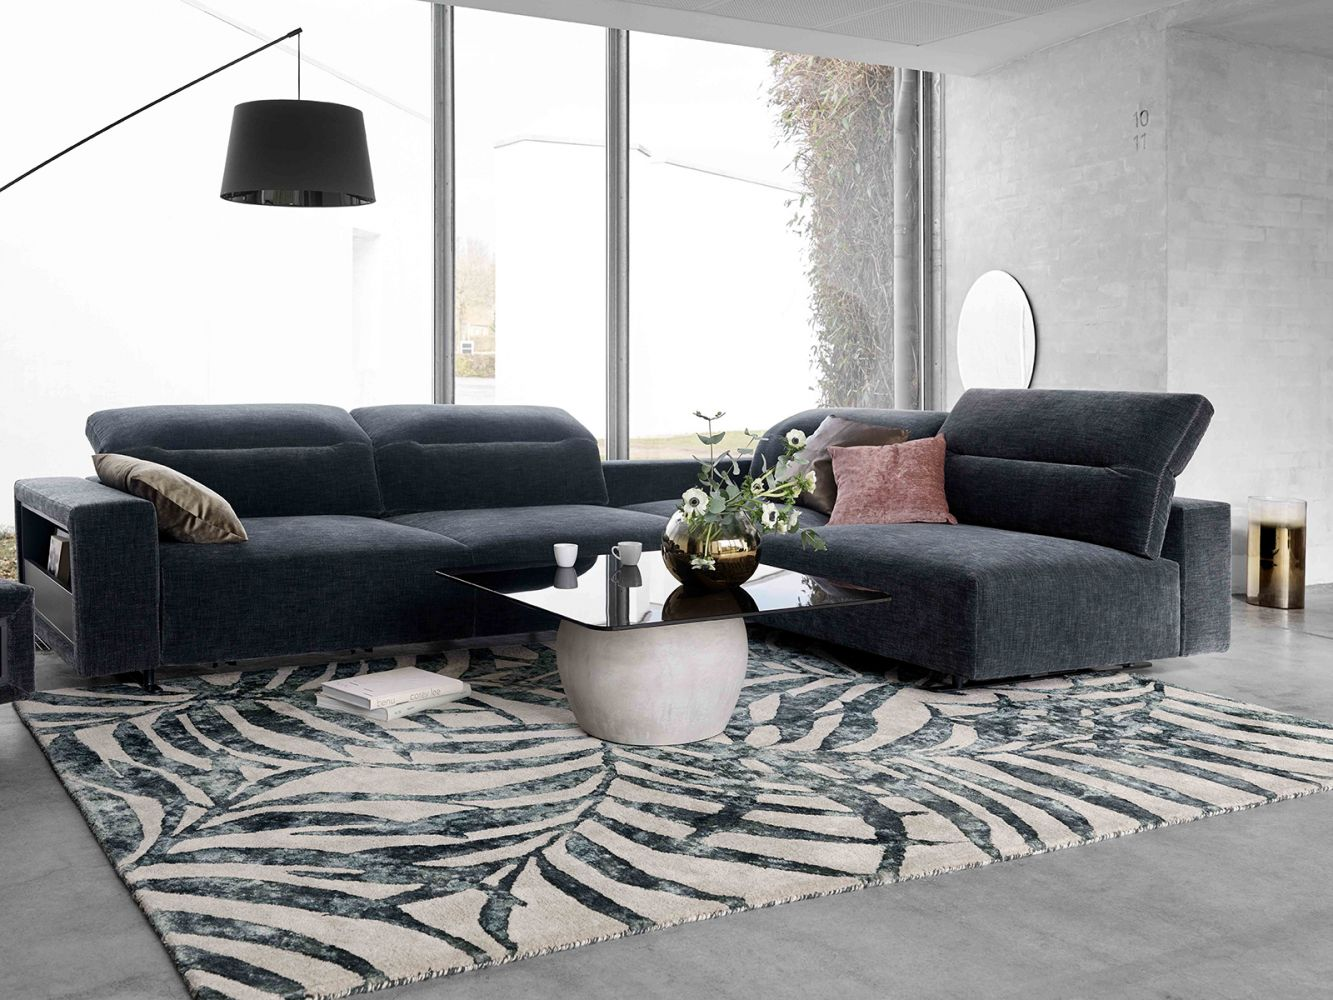 Boconcept meuble et d coration marseille mobilier for Meuble boconcept